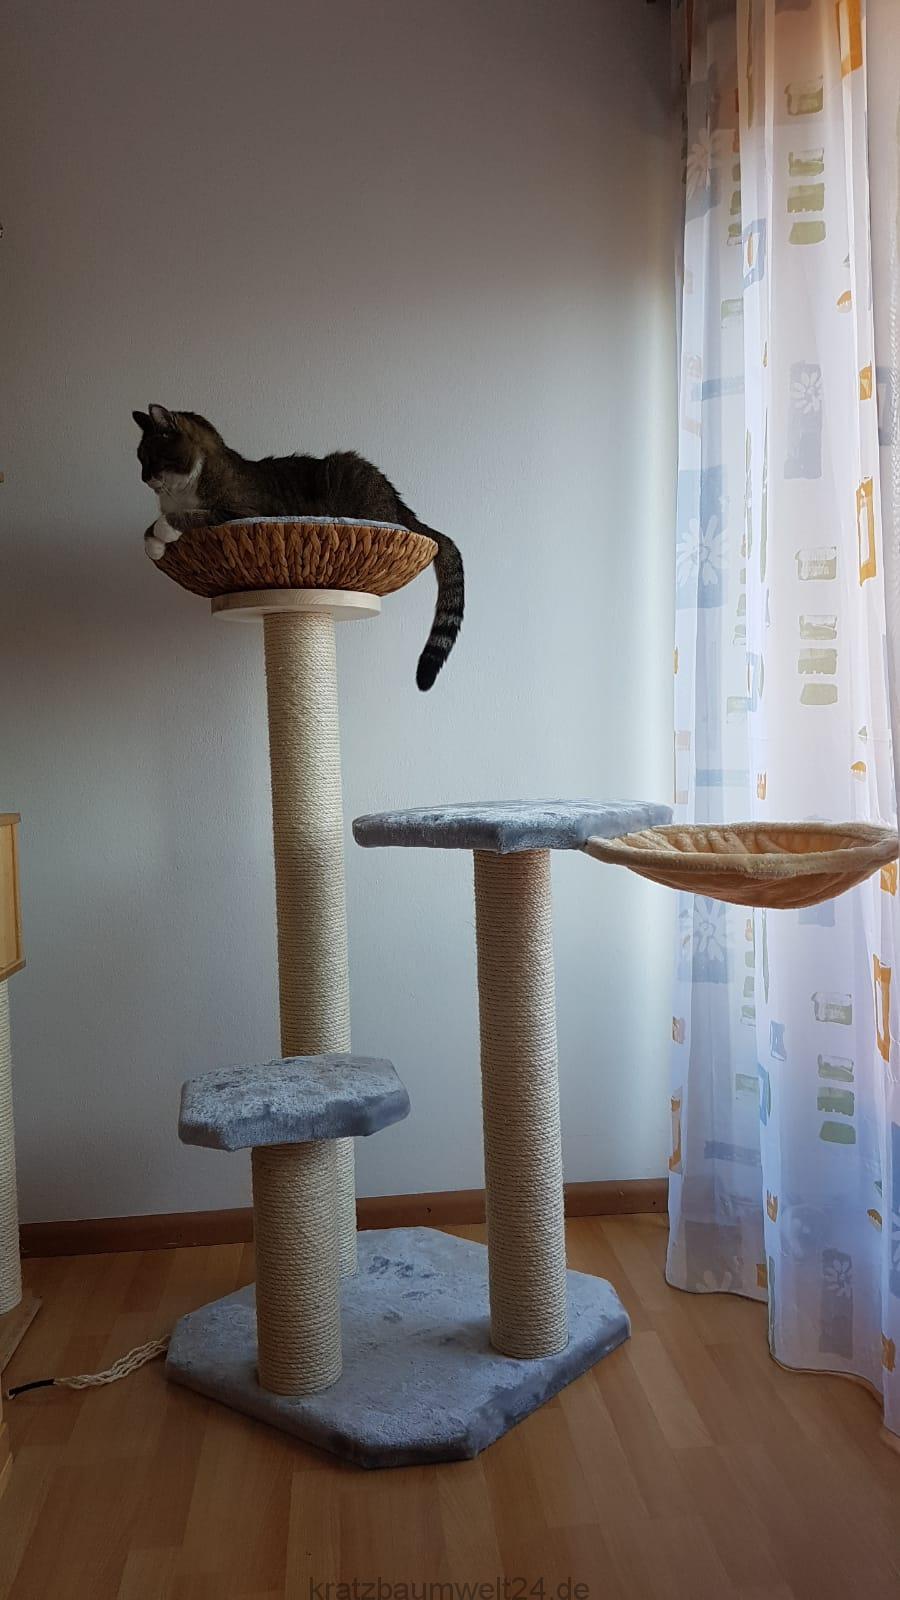 kratzbaum gross liegemulde f r katzen massivkratzbaum. Black Bedroom Furniture Sets. Home Design Ideas